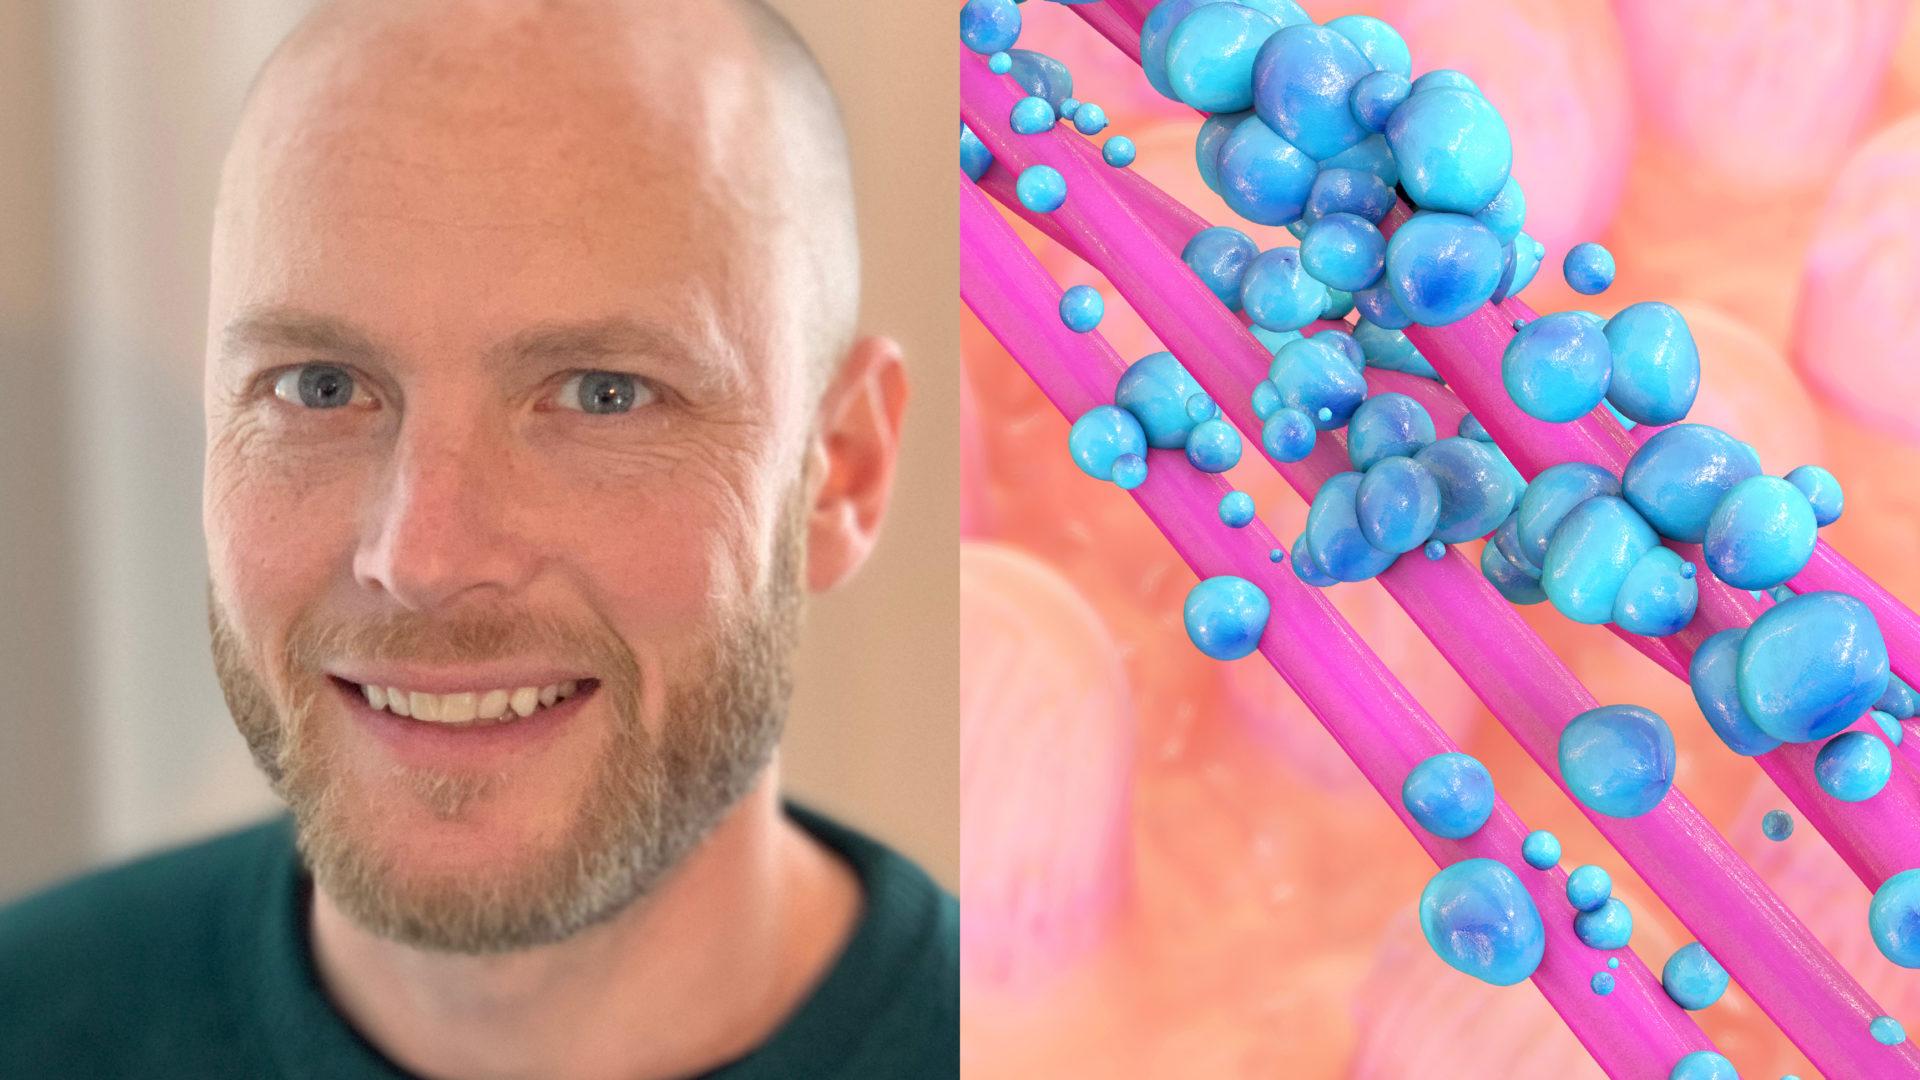 Vis av erfarenhet och kunskap konstaterar Villjam Edström att han själv har gjort flera livsstilsförändringar för att komma till rätta med sin egen maghälsa.